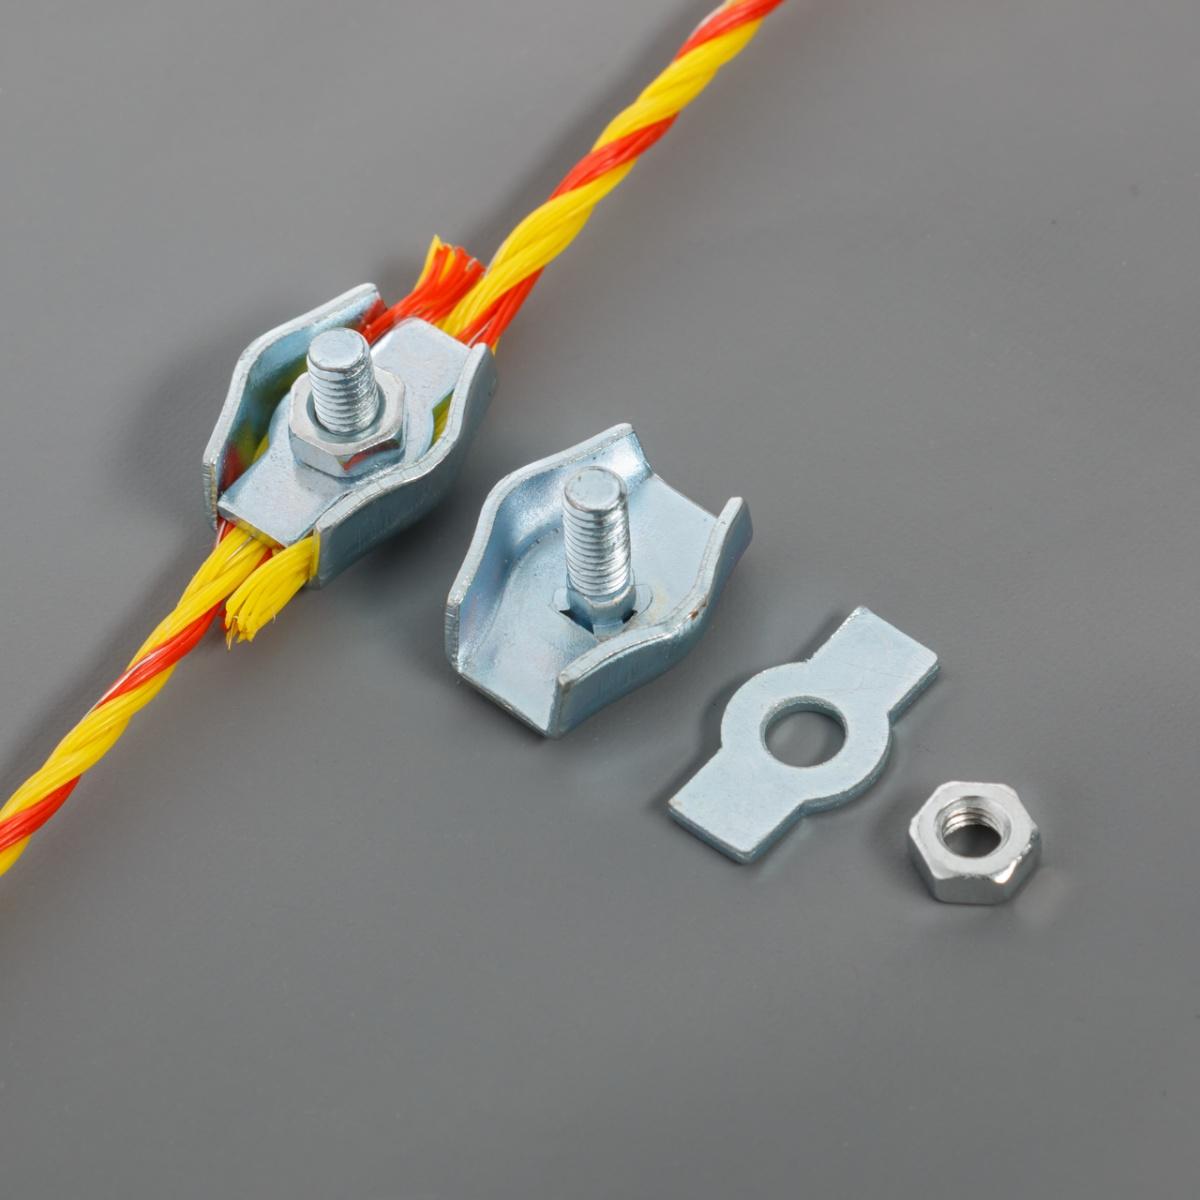 Egyszerű csatlakozó, 2-4mm-es zsinórnak